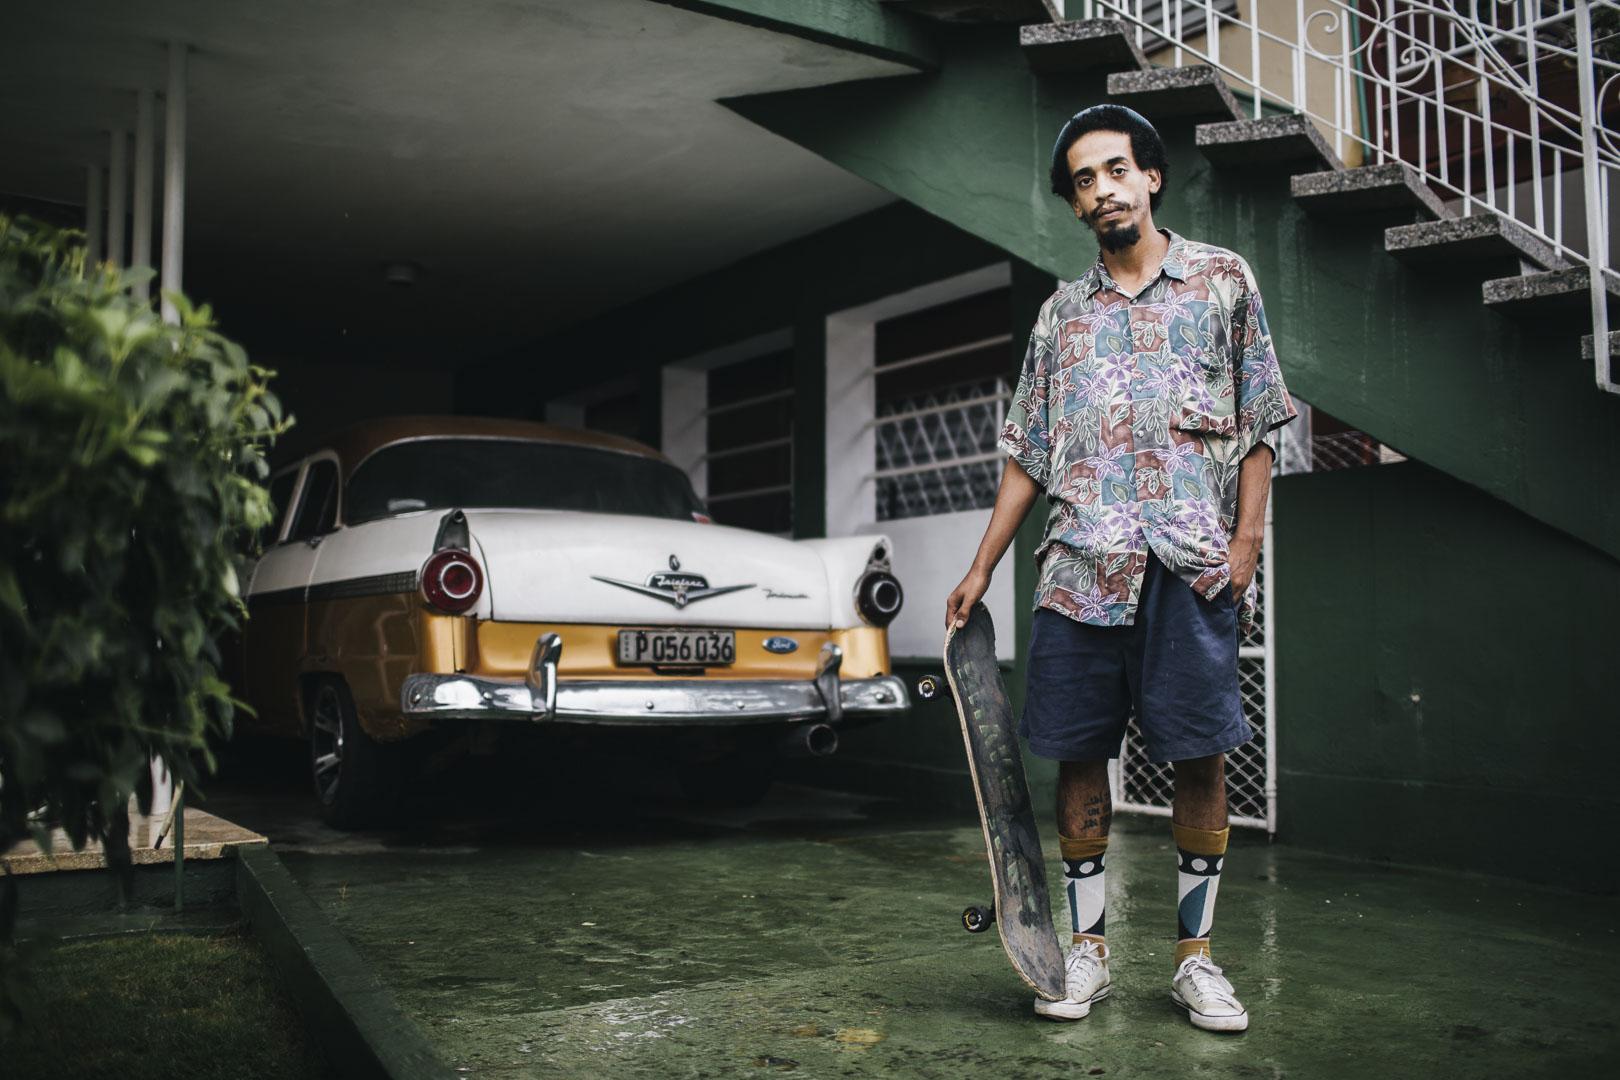 Orly, Skater